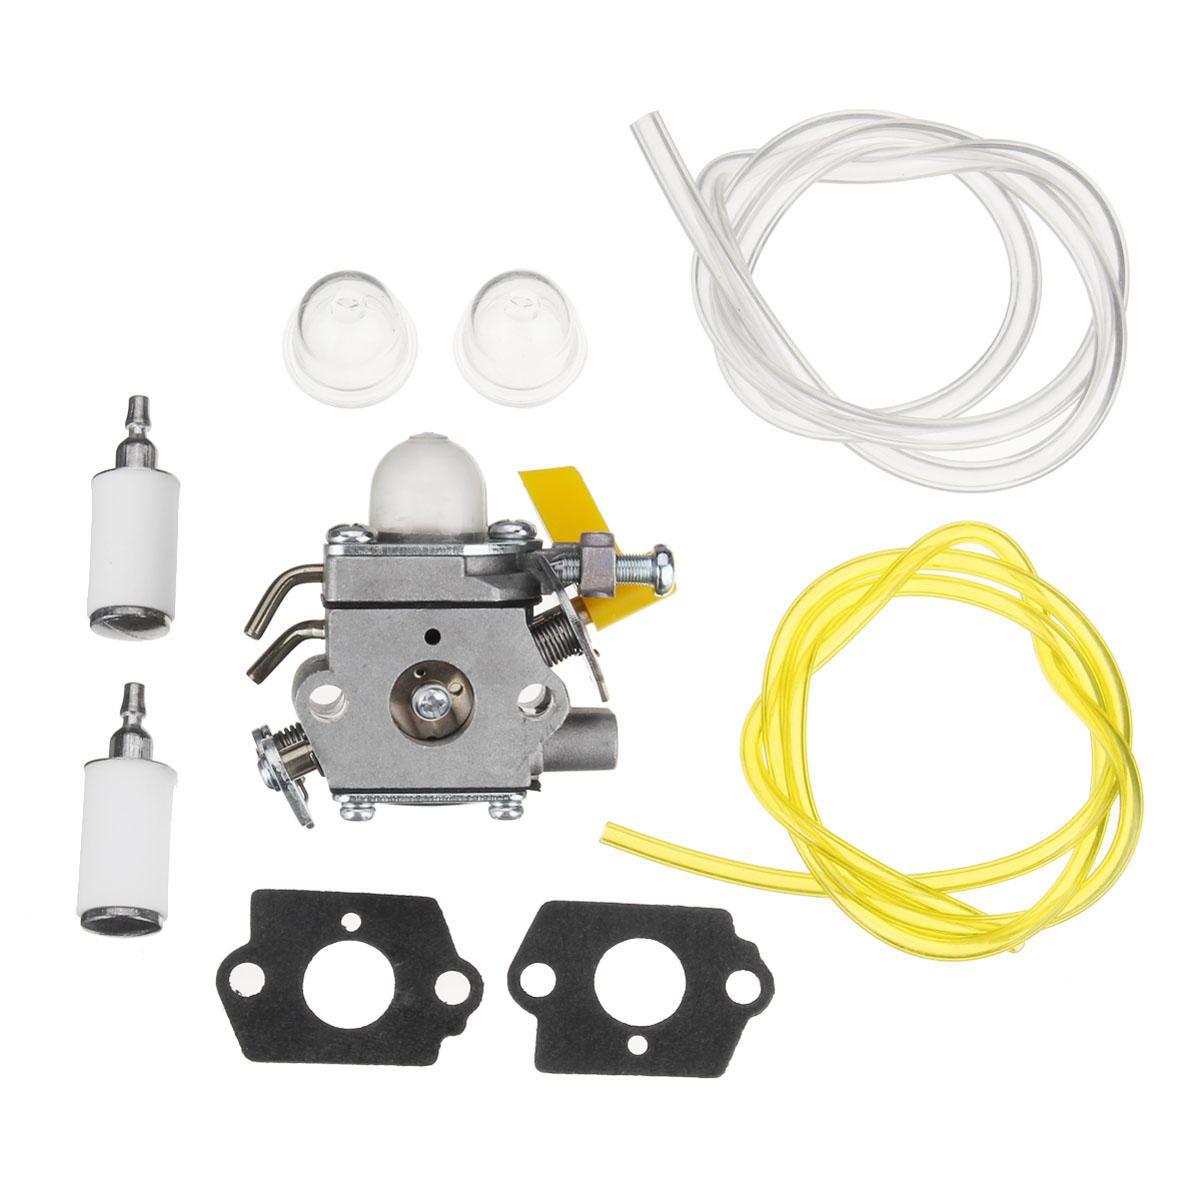 small resolution of carburetor for yobi homelite ut 60526 ry09550 ry09050 ry09551 308054032 primer bulb fuel filter o sale